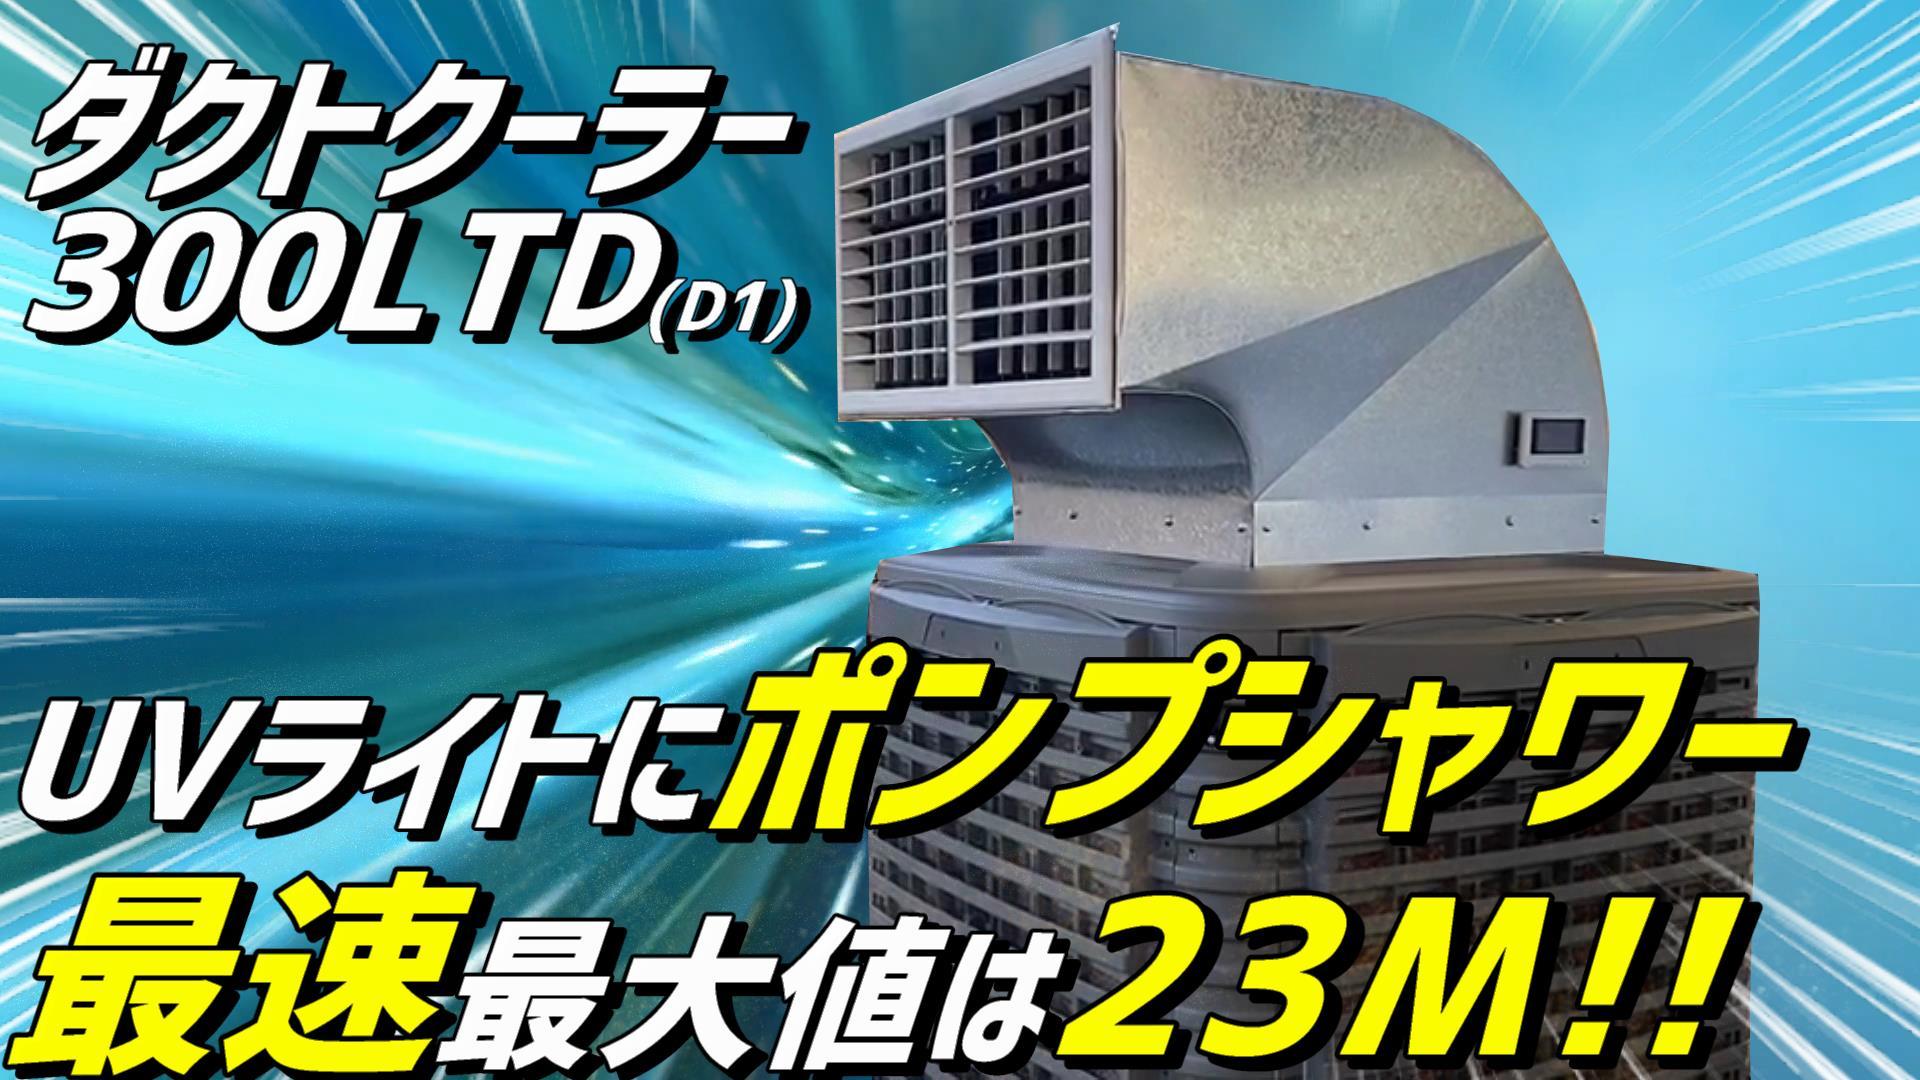 ダクトクーラー300LTD